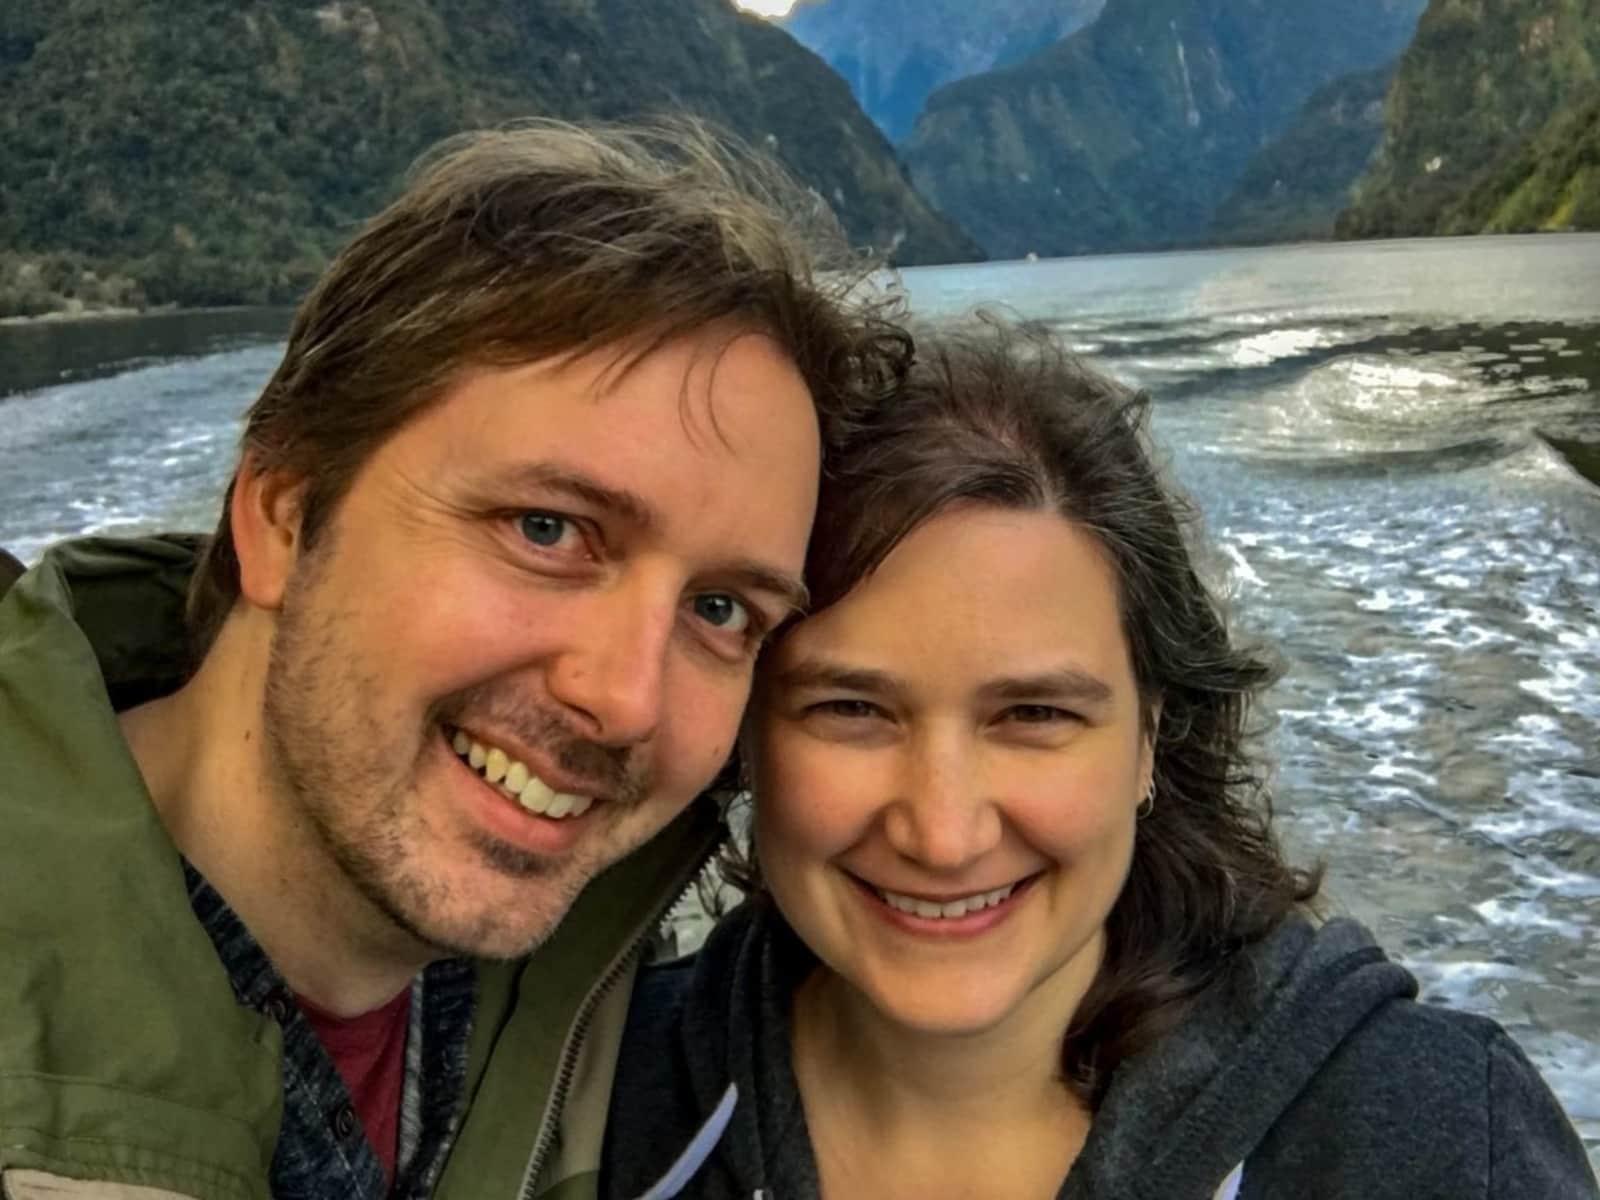 Jeff & Karen from Sault Ste. Marie, Ontario, Canada